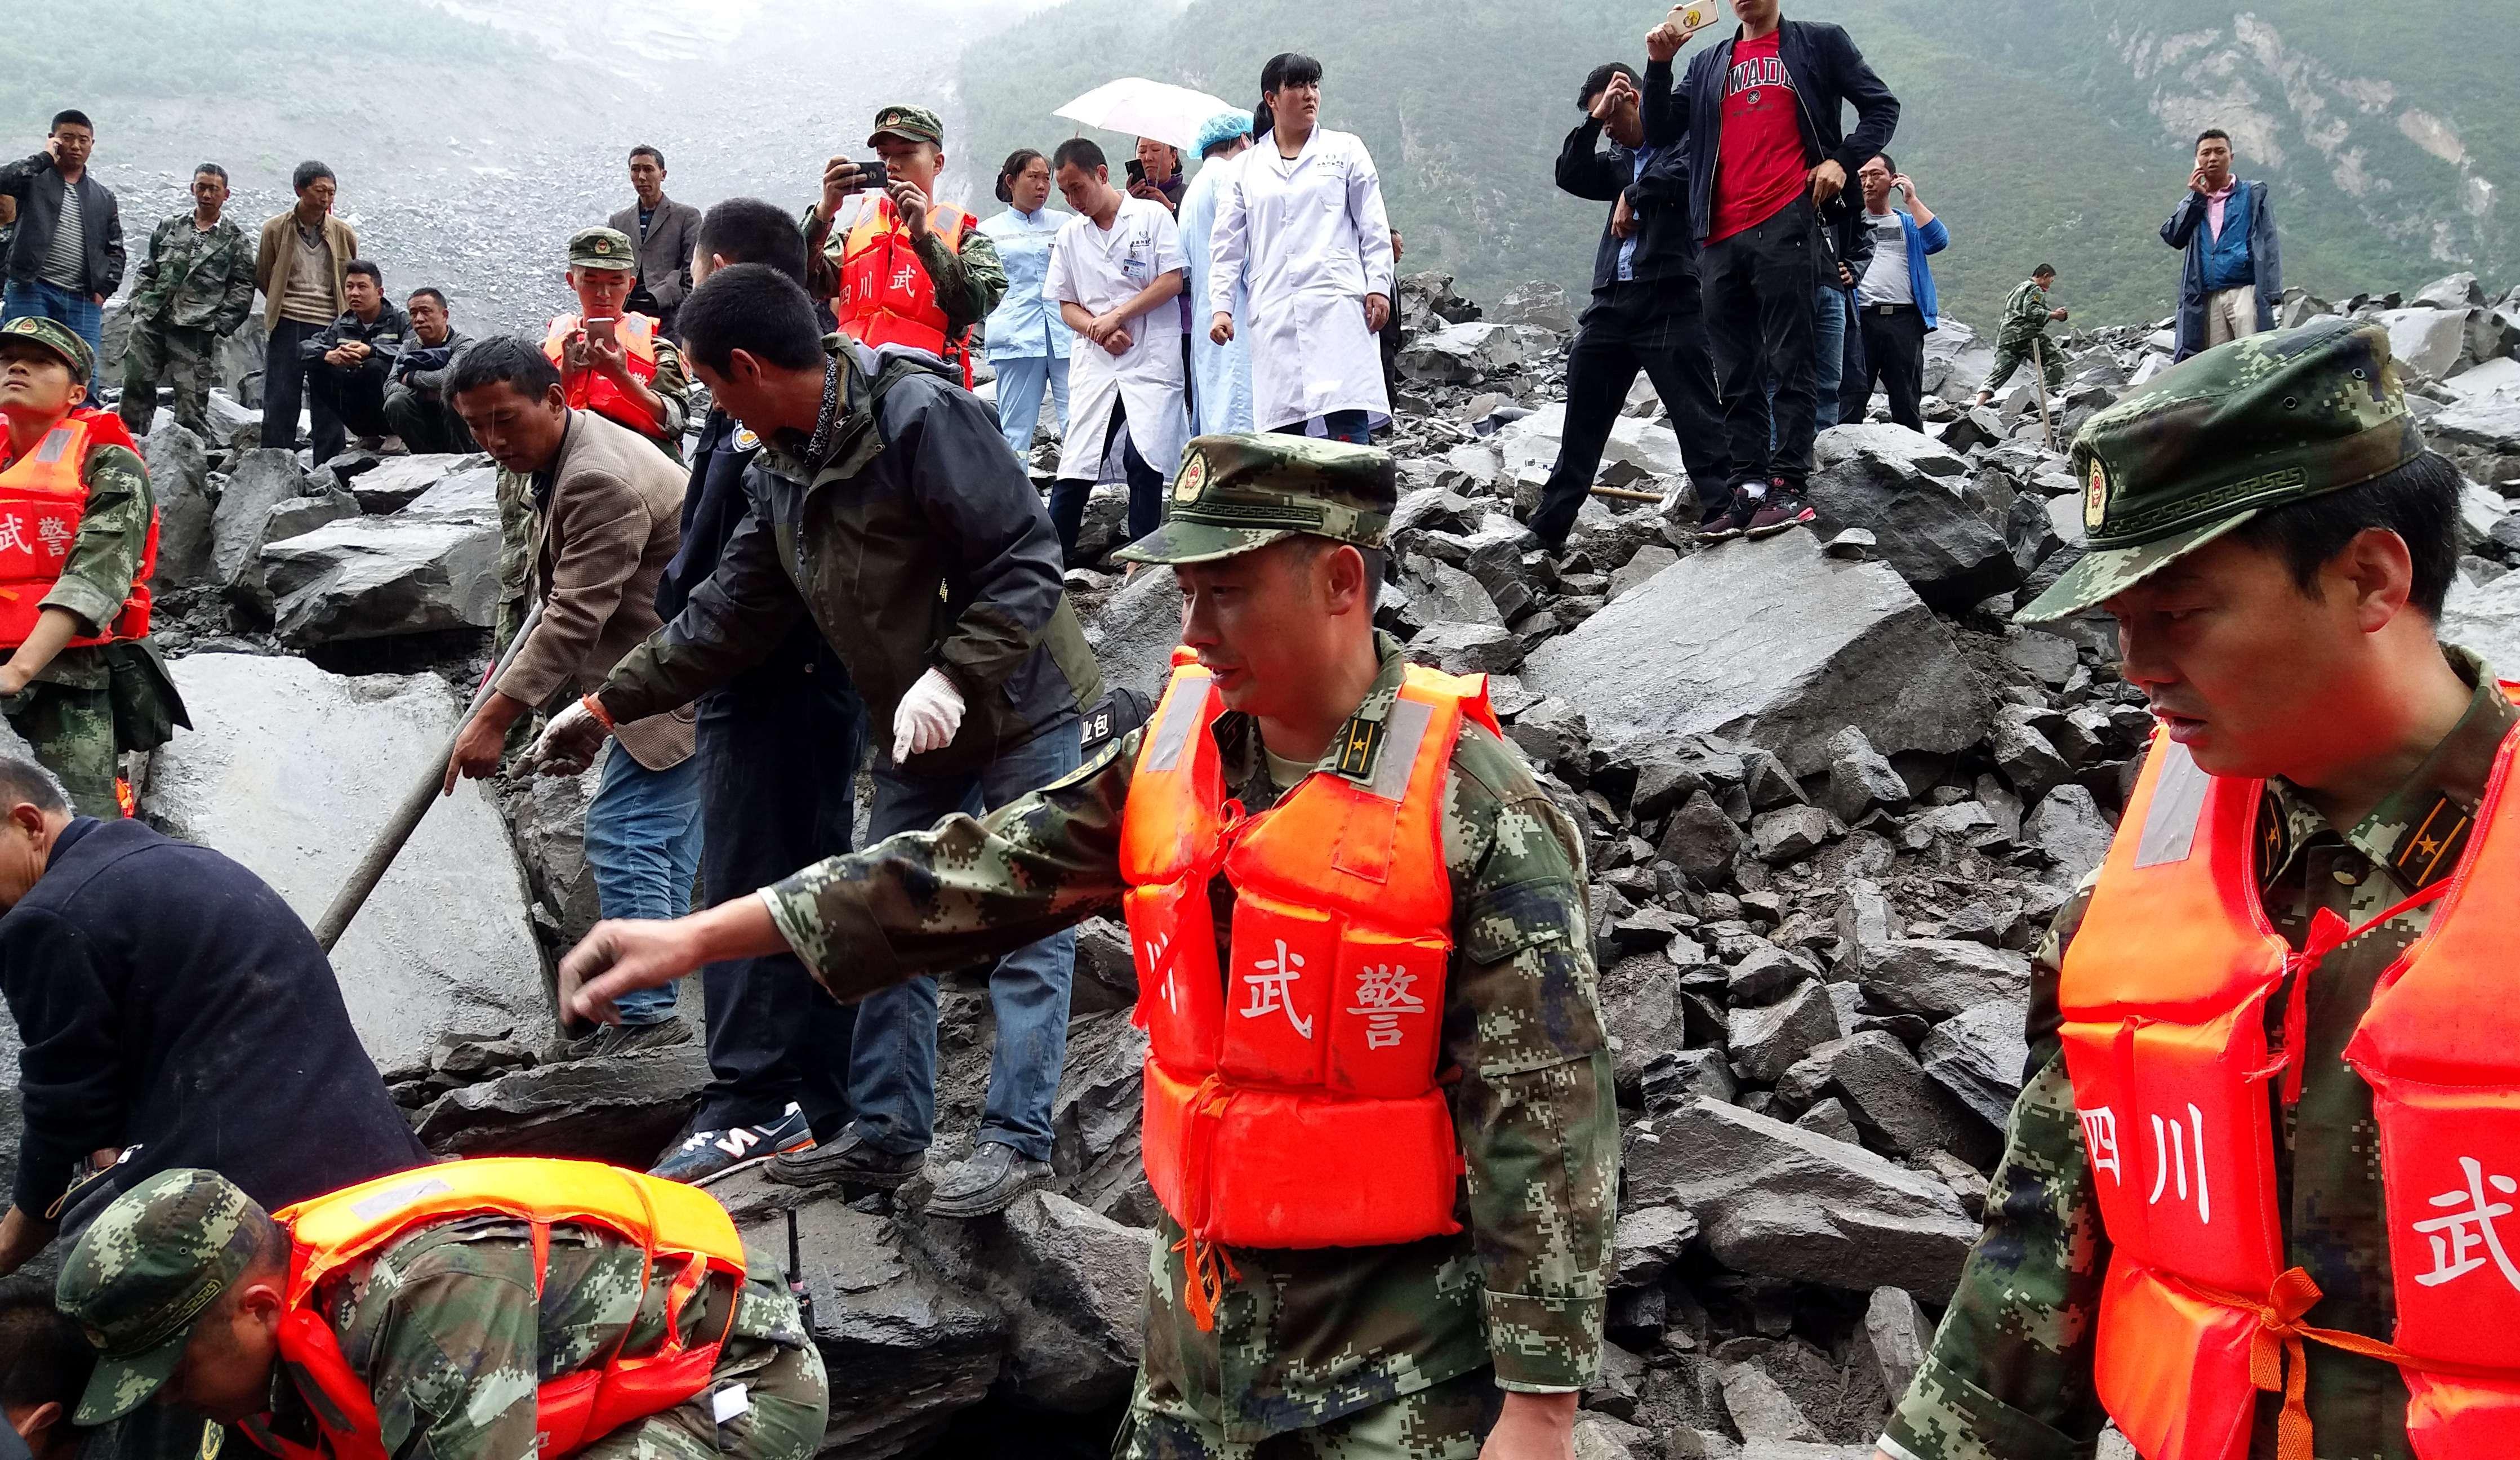 Unas 120 personas permanecen soterradas tras un deslave de piedras en China